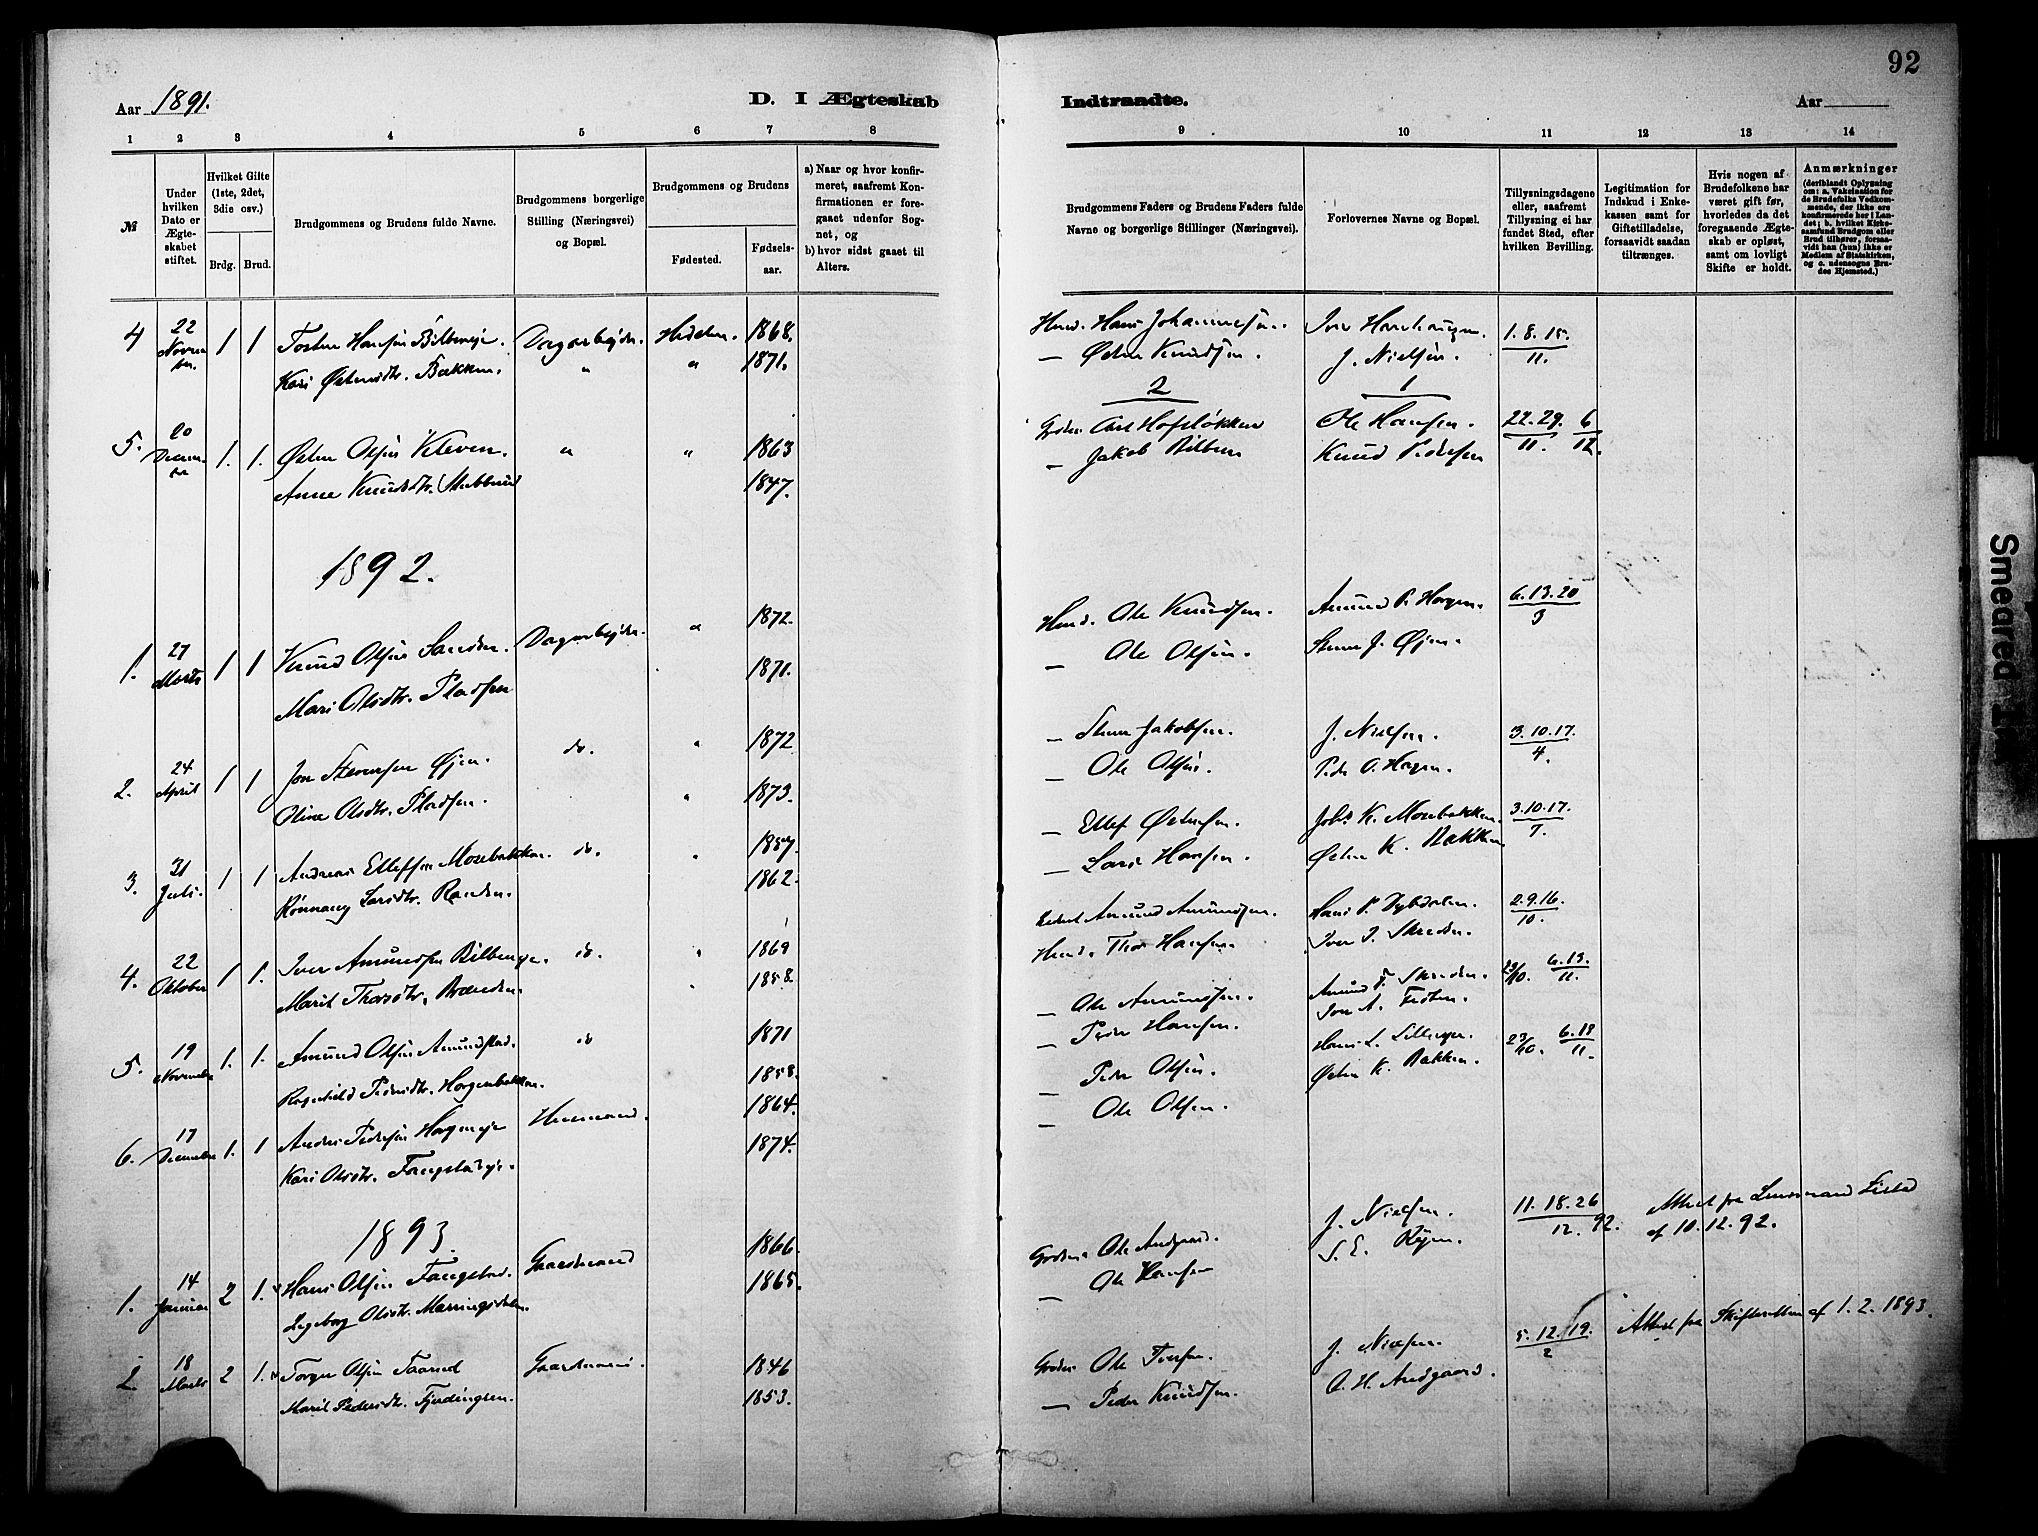 SAH, Vågå prestekontor, Parish register (official) no. 10, 1887-1904, p. 92